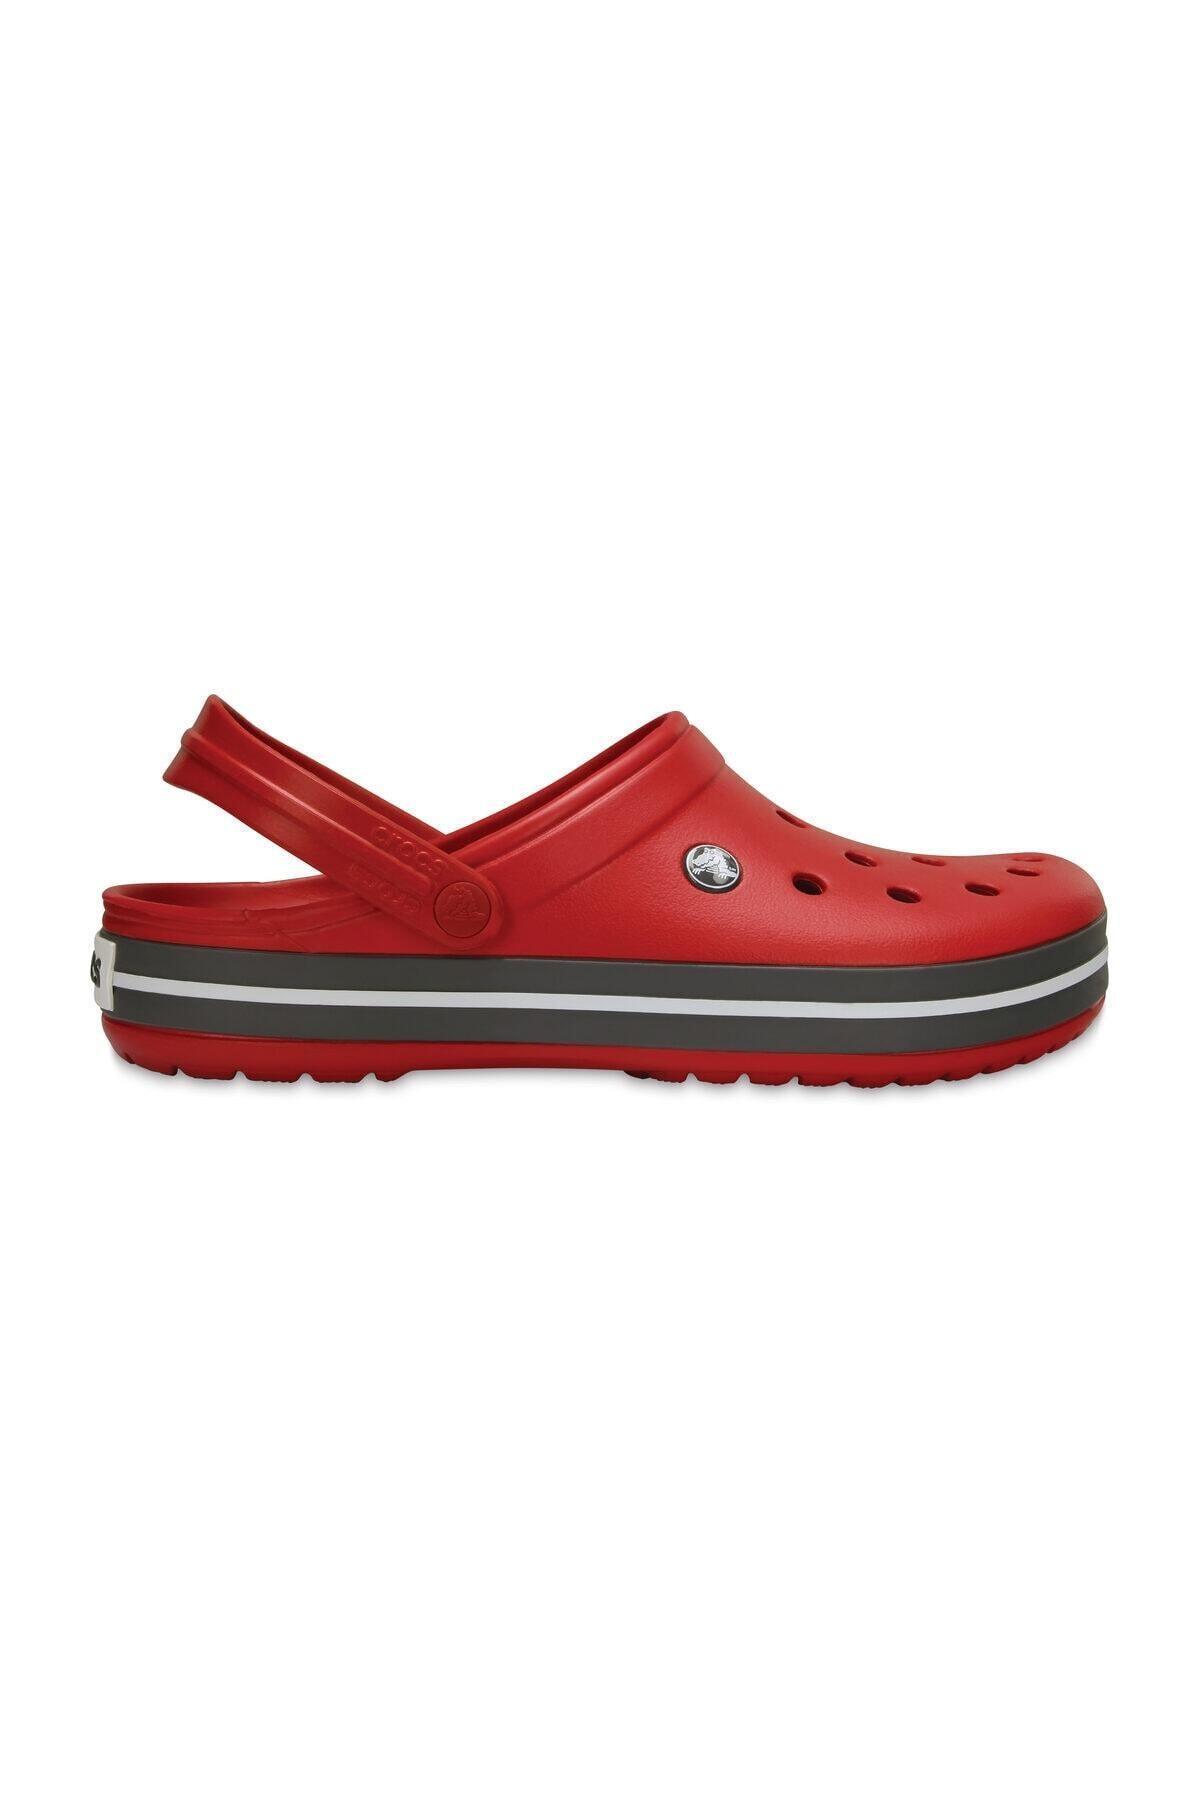 Crocs Kırmızı Unisex Crocband Kenarı Siyah Çizgili Terlik 1